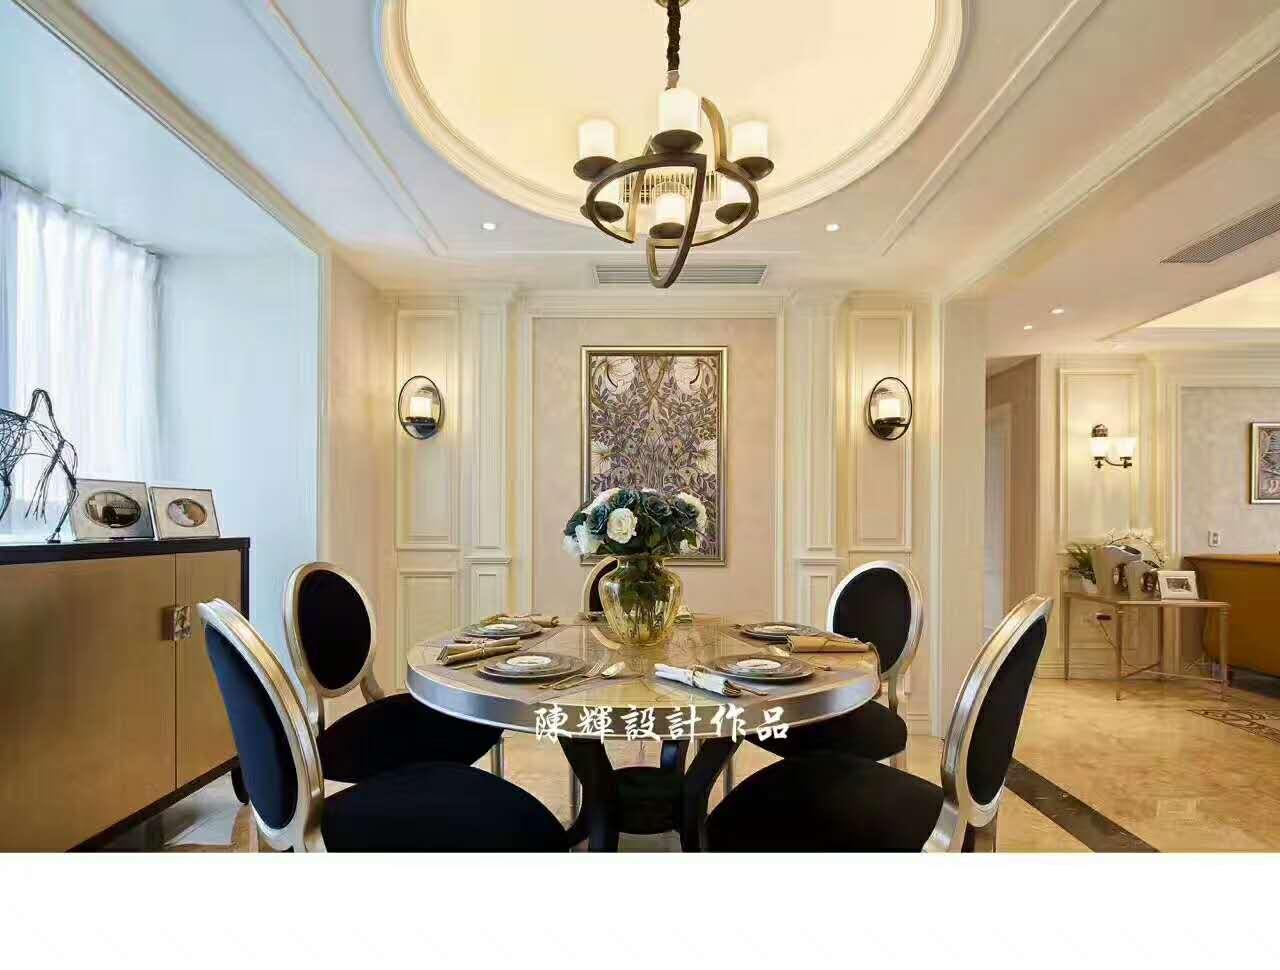 餐厅图片来自日升嬛嬛在西市佳境四居室现代美式风格装修的分享